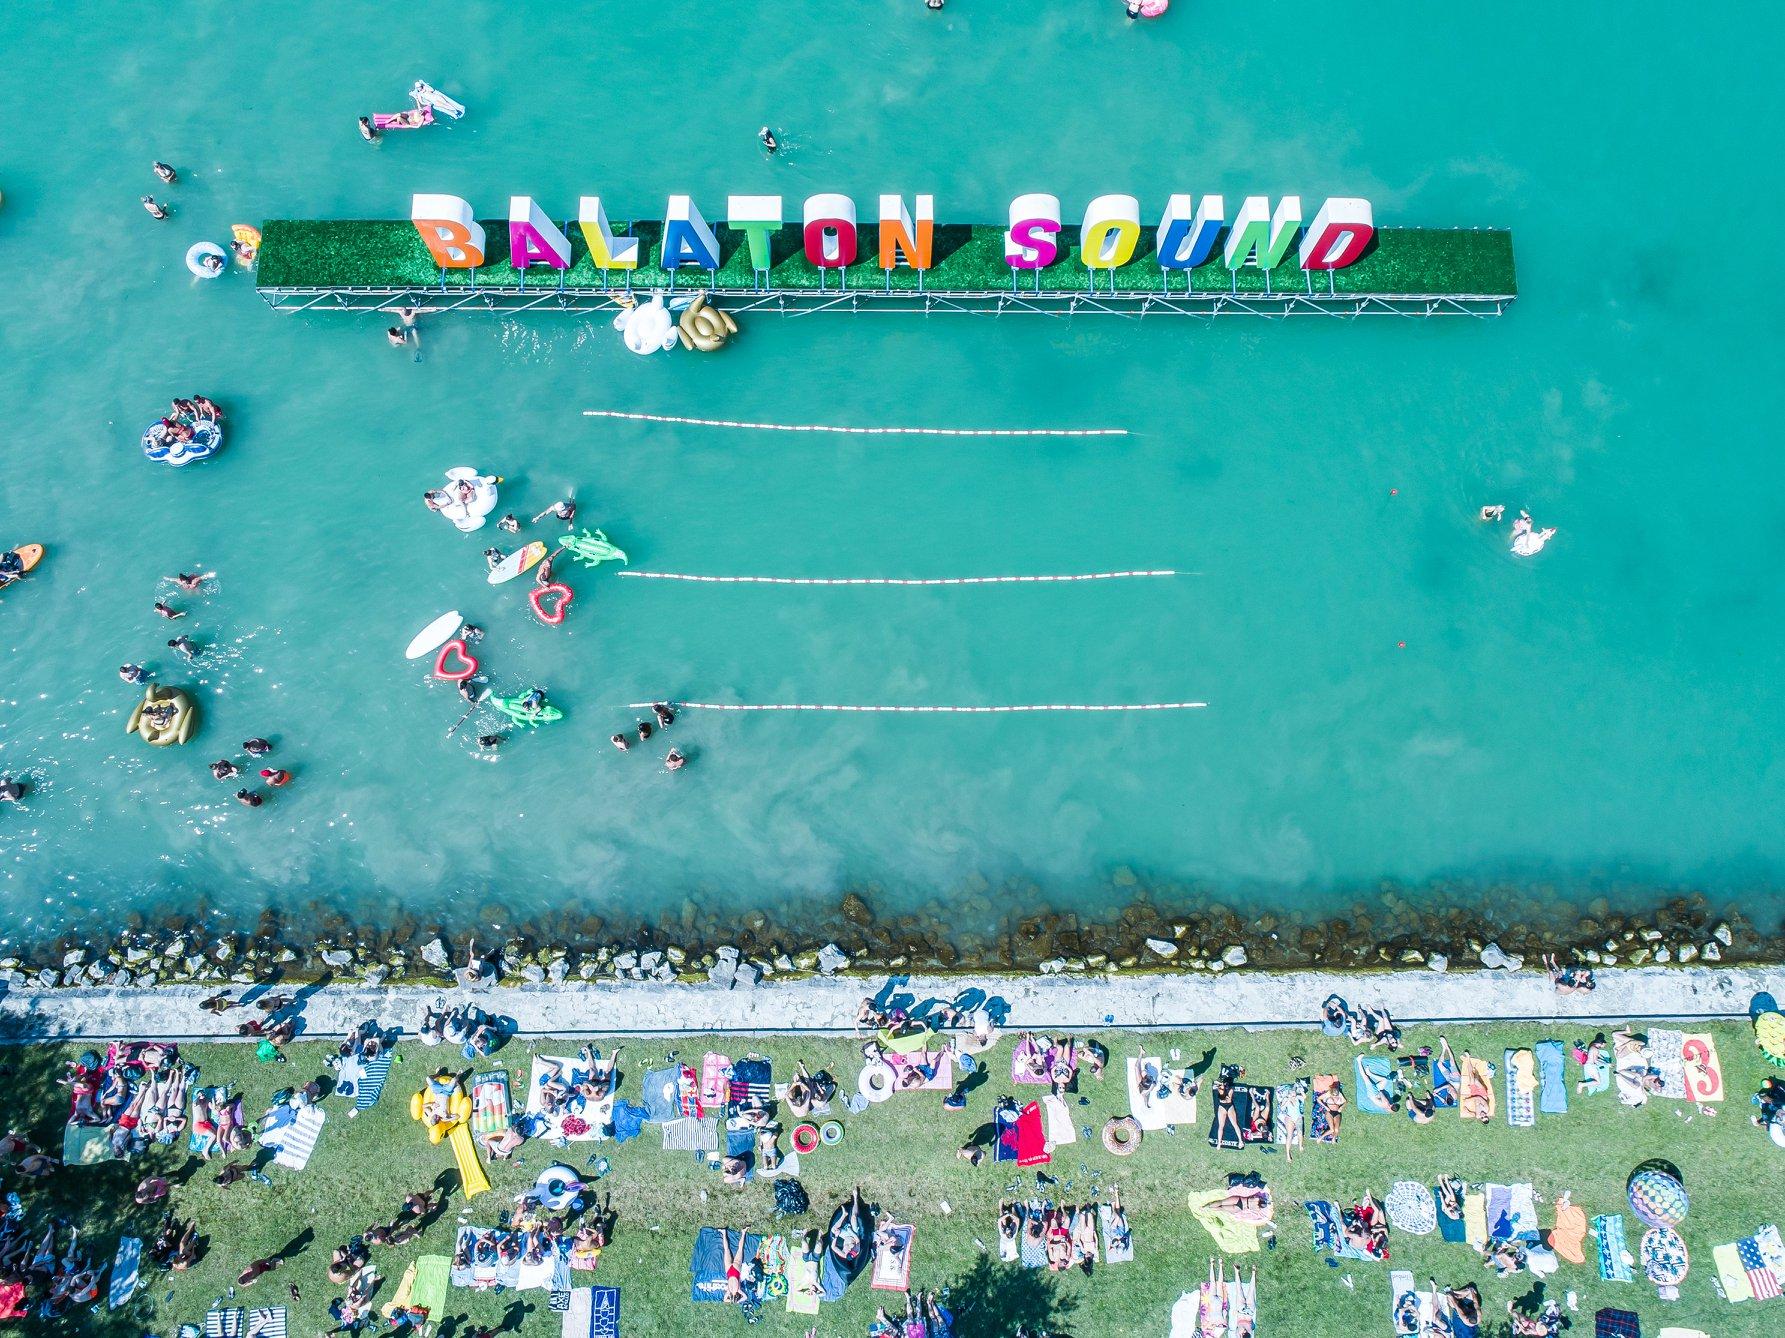 Sommerfestivals: Eintritt nur mit Impfpass?